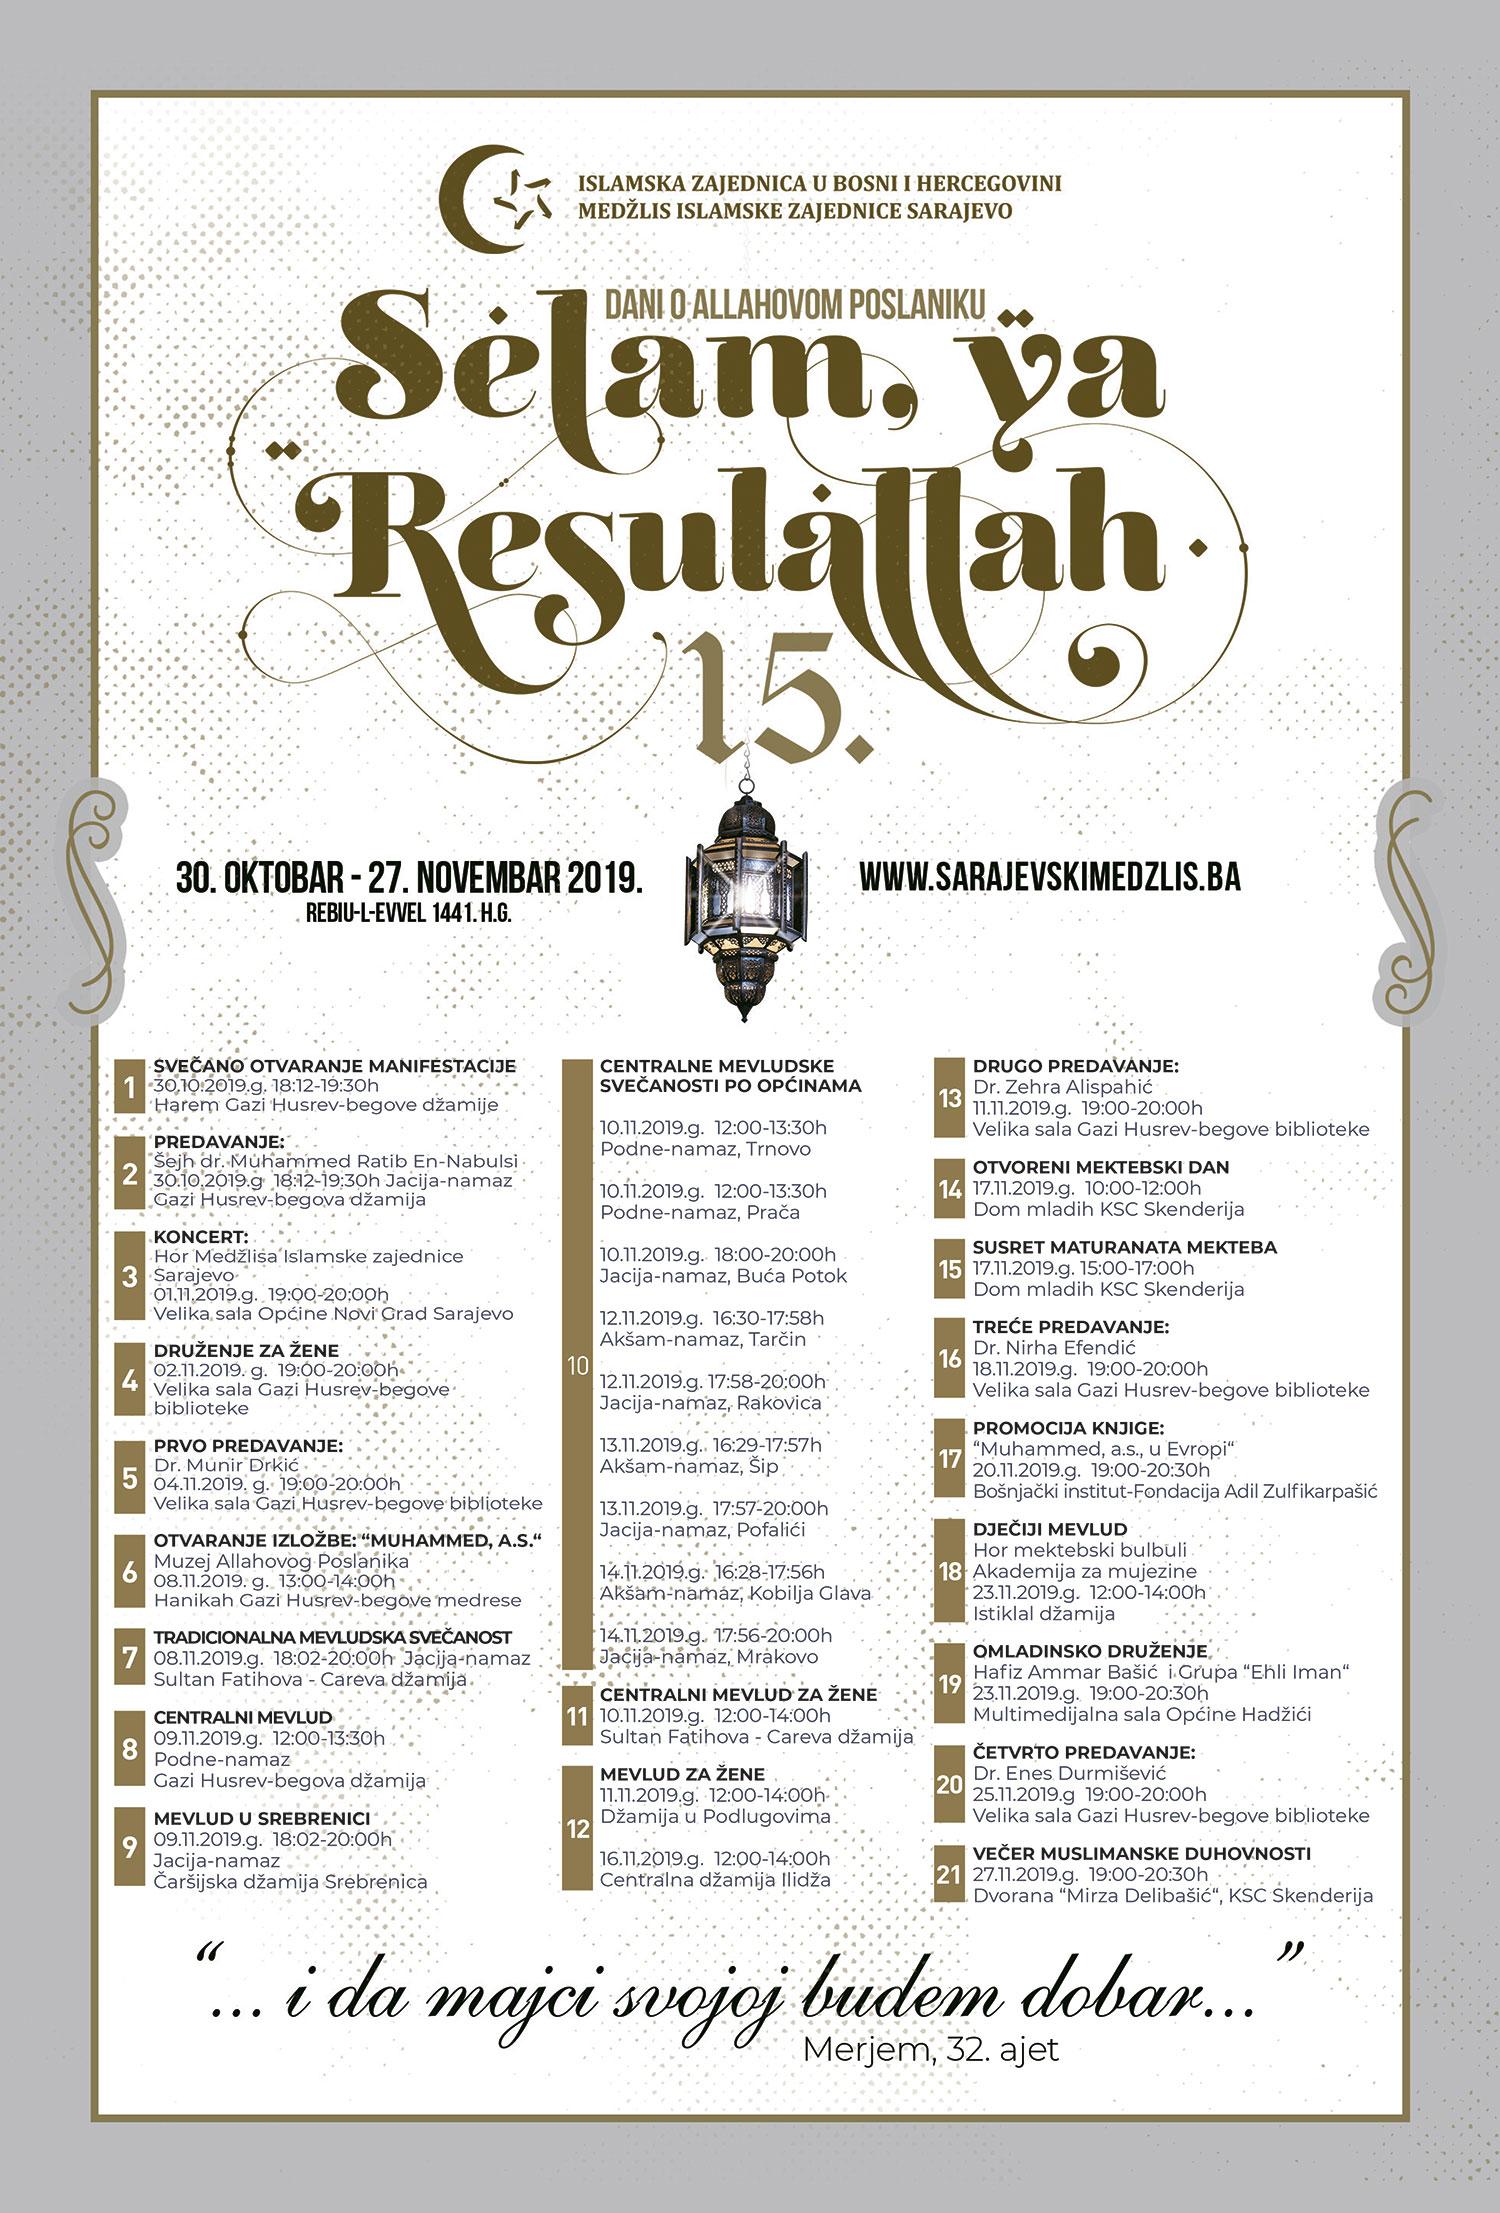 Kalendar manifestacije